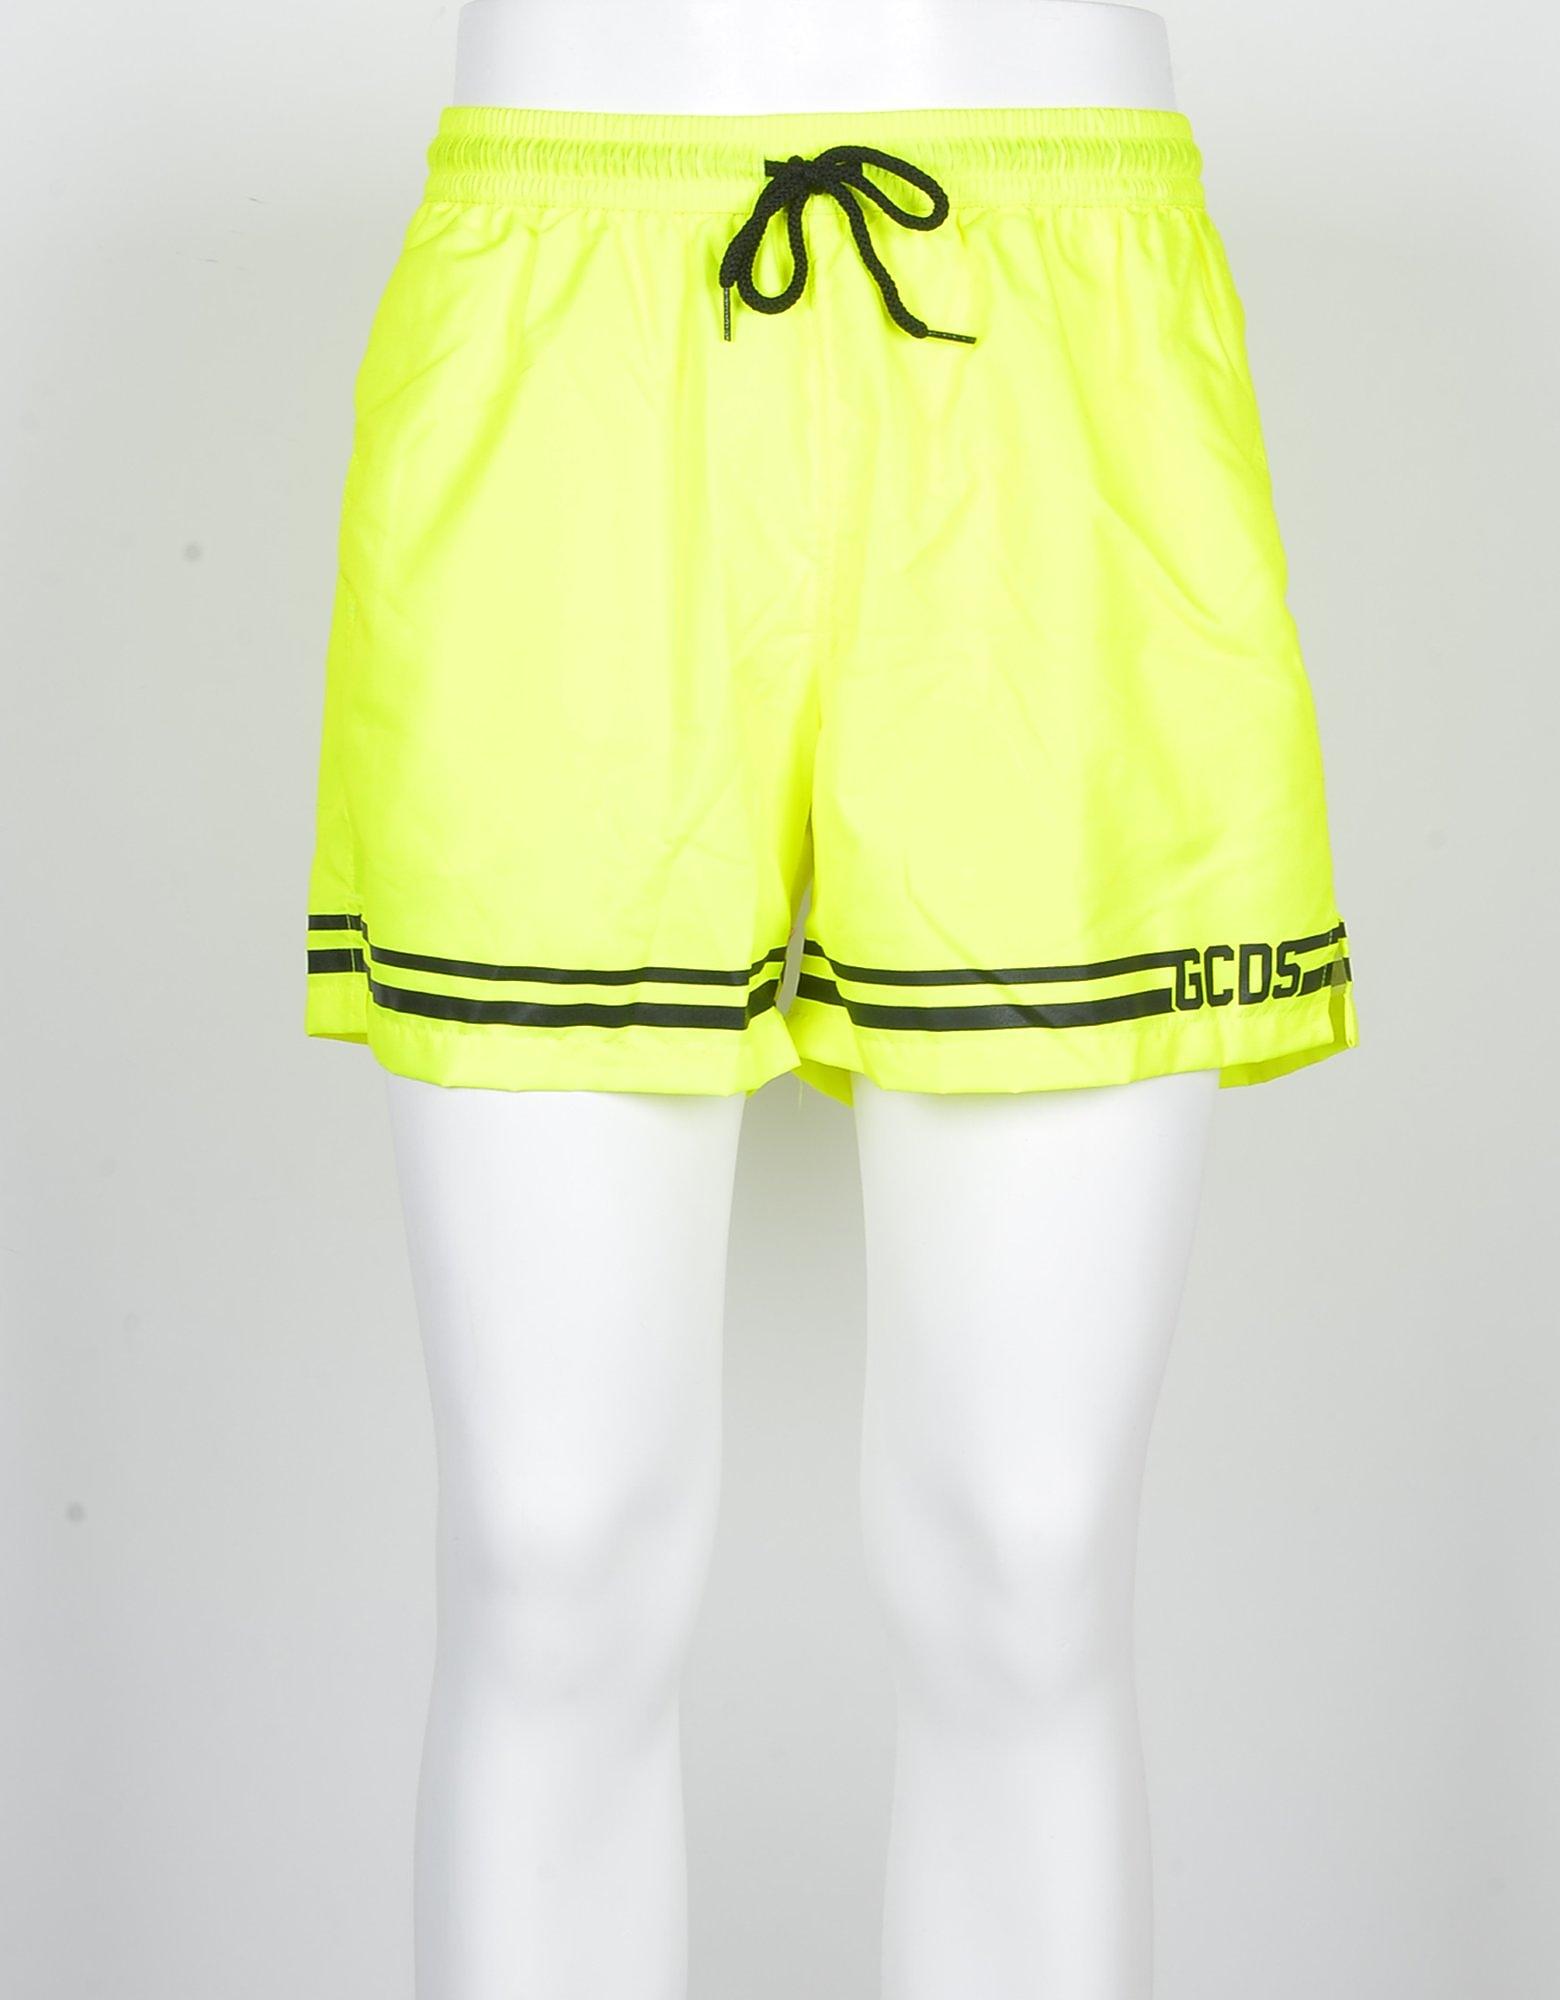 GCDS Designer Swimwear, Men's Neon Yellow Swim Shorts